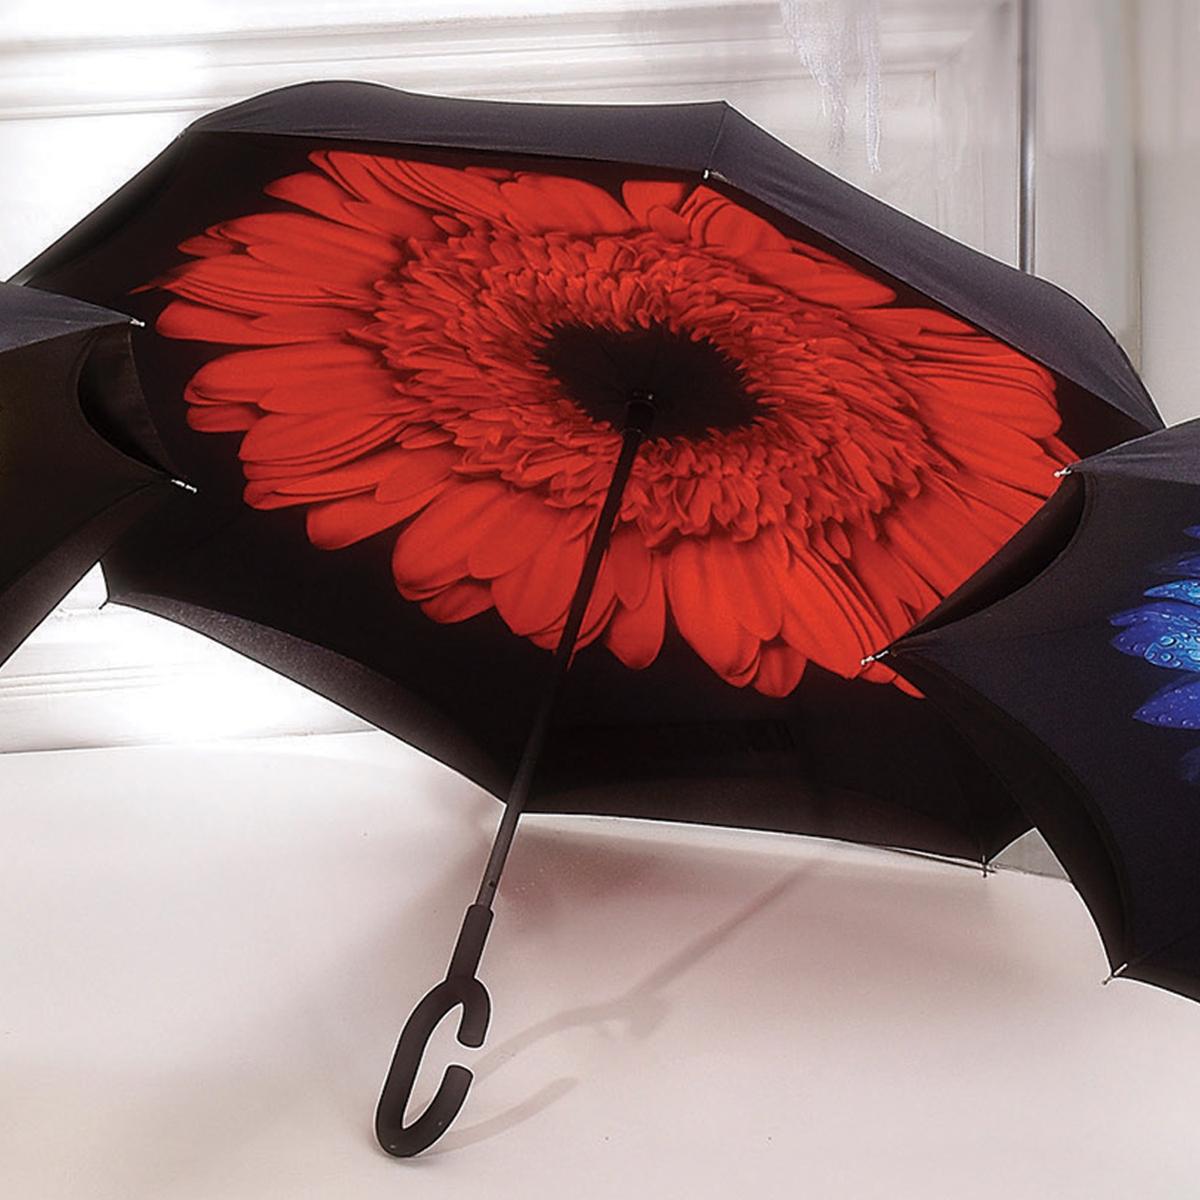 Red Inverted Umbrella